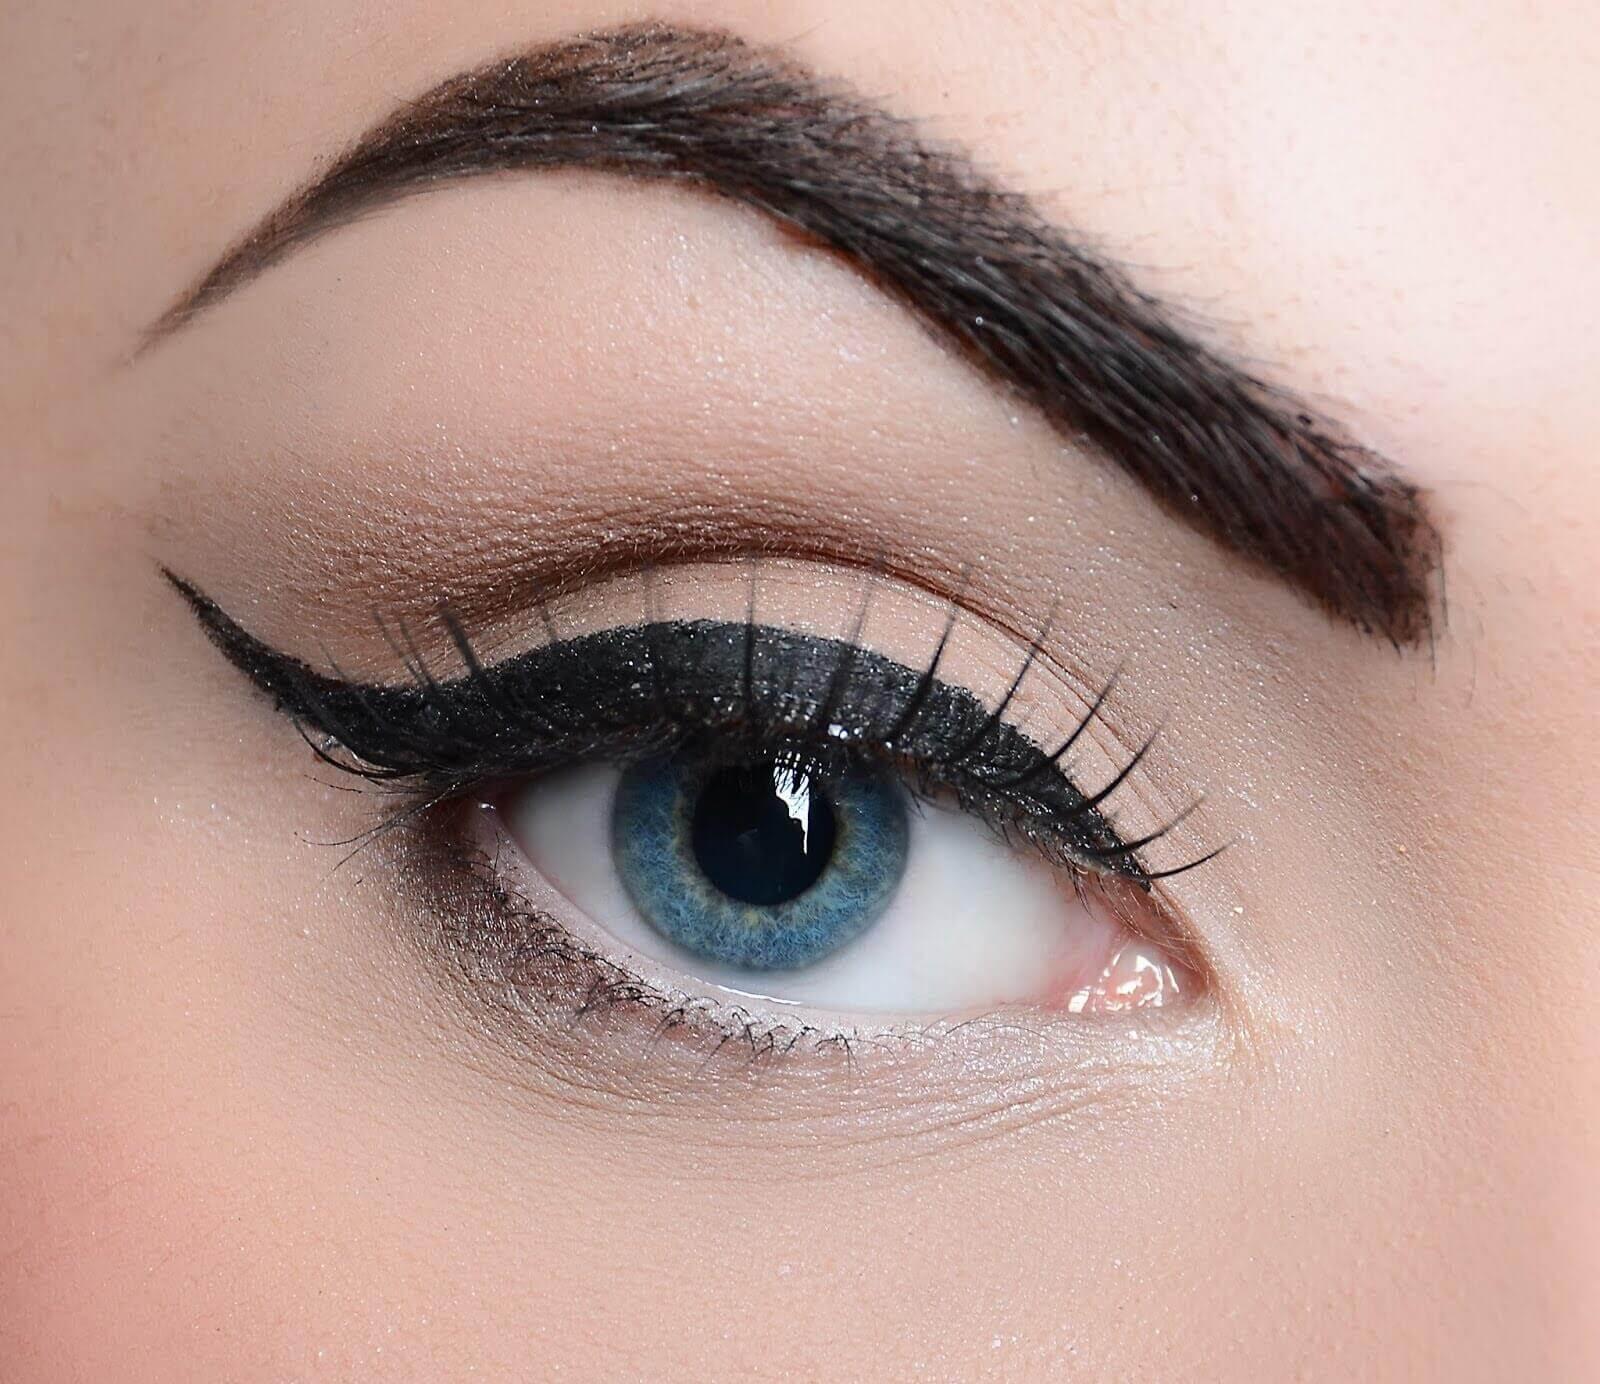 Μακιγιάζ των ματιών - Μάτι με Ελληνική γραμμή